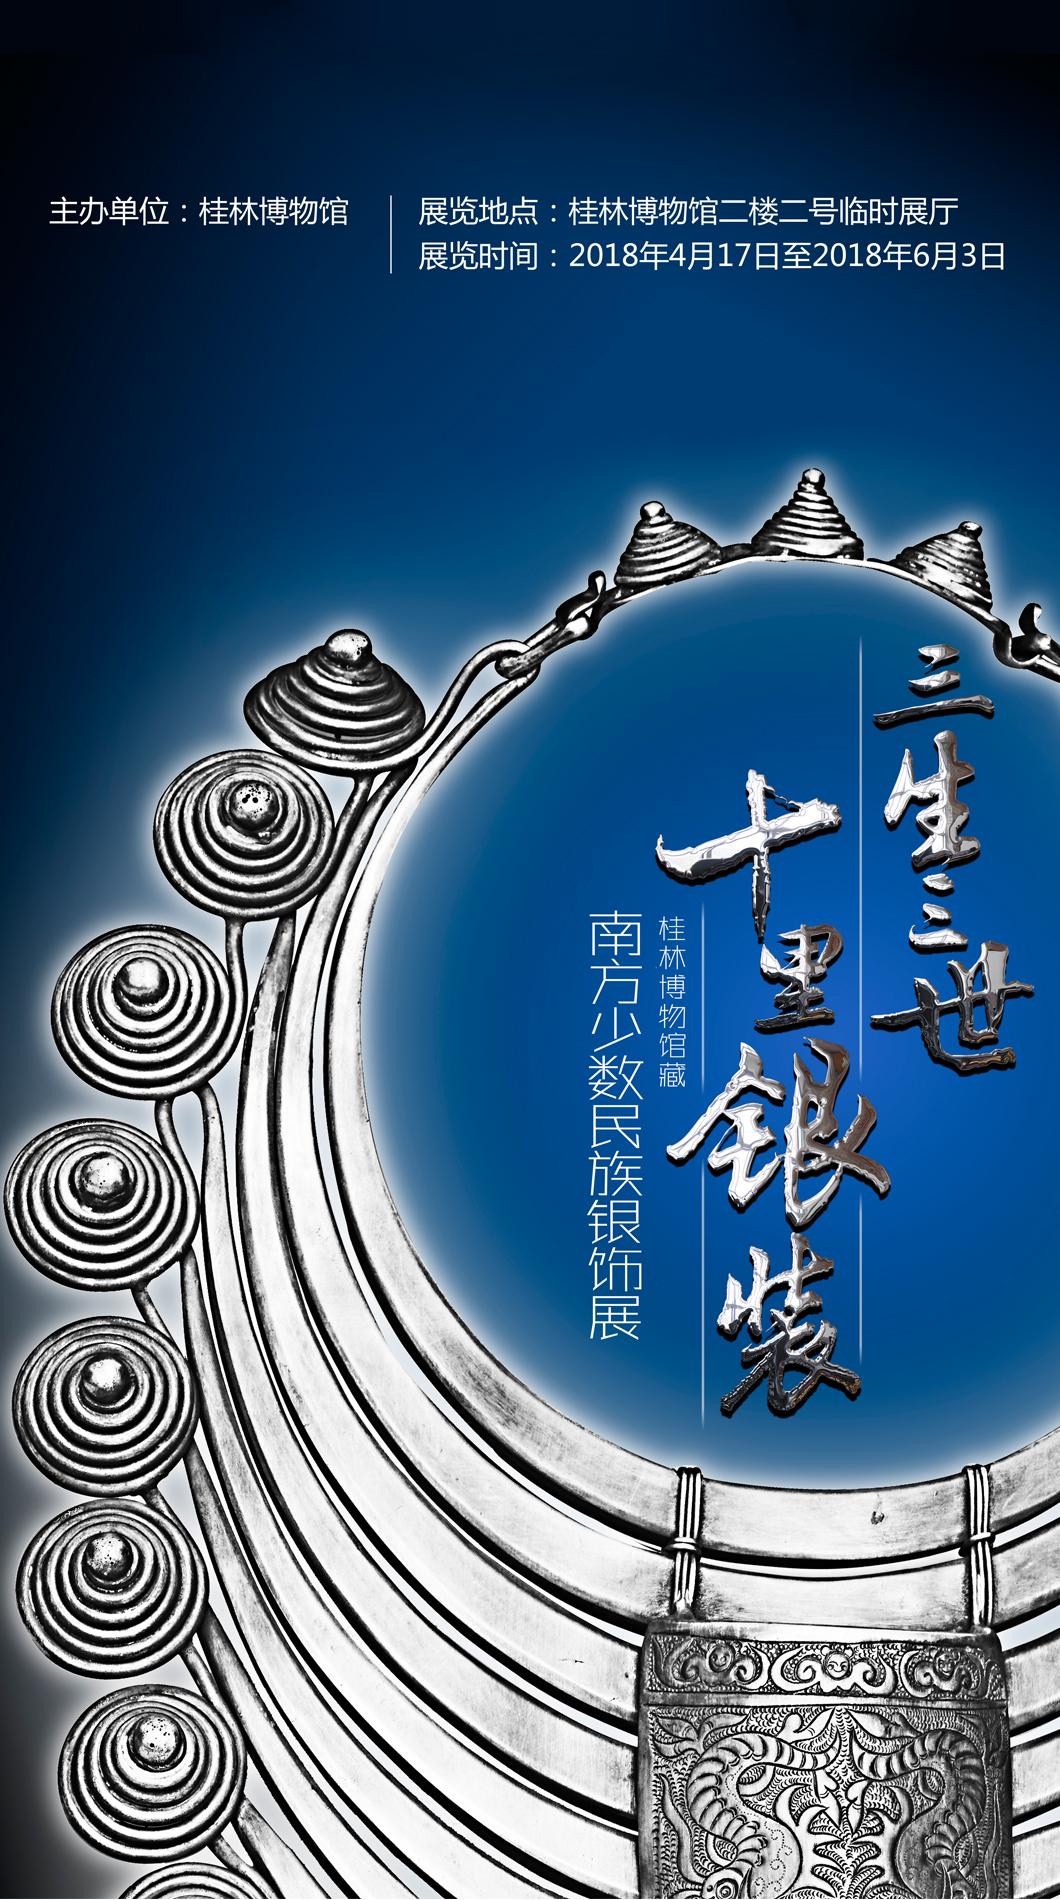 """展览预告""""三生三世"""".jpg"""